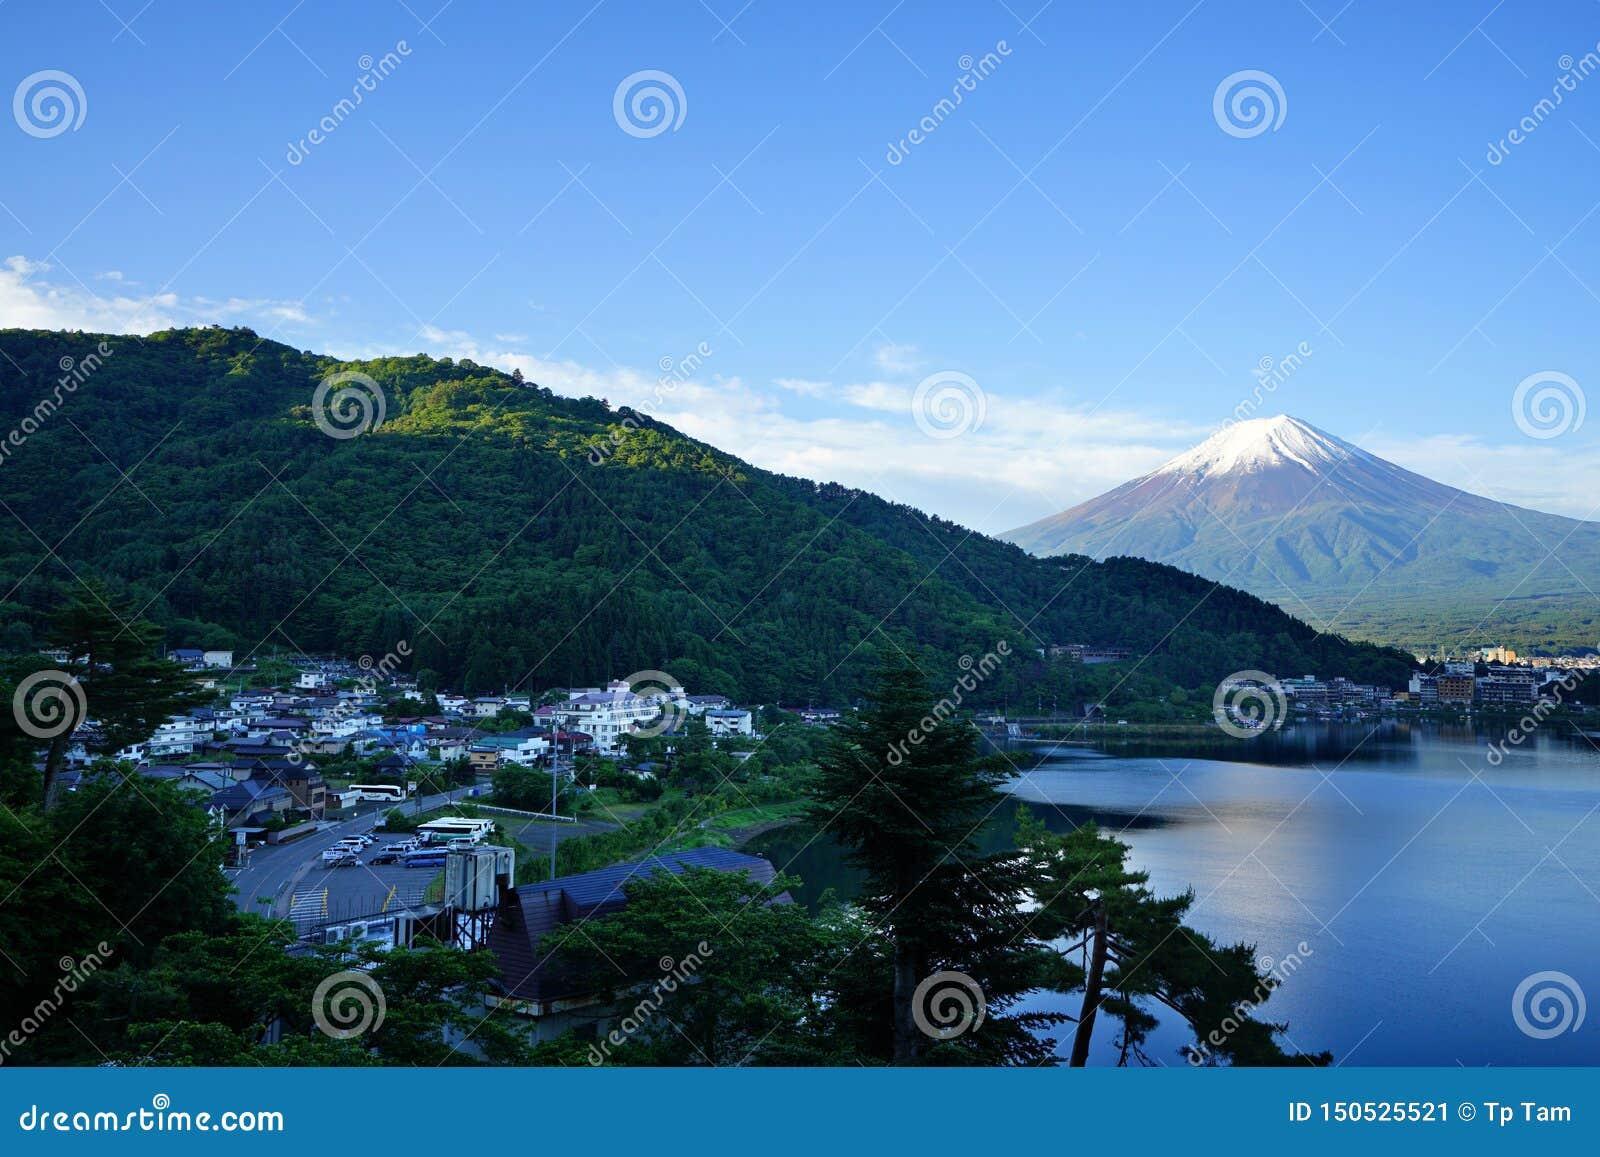 Fuji Mountain at lake Kawaguchi, Japan